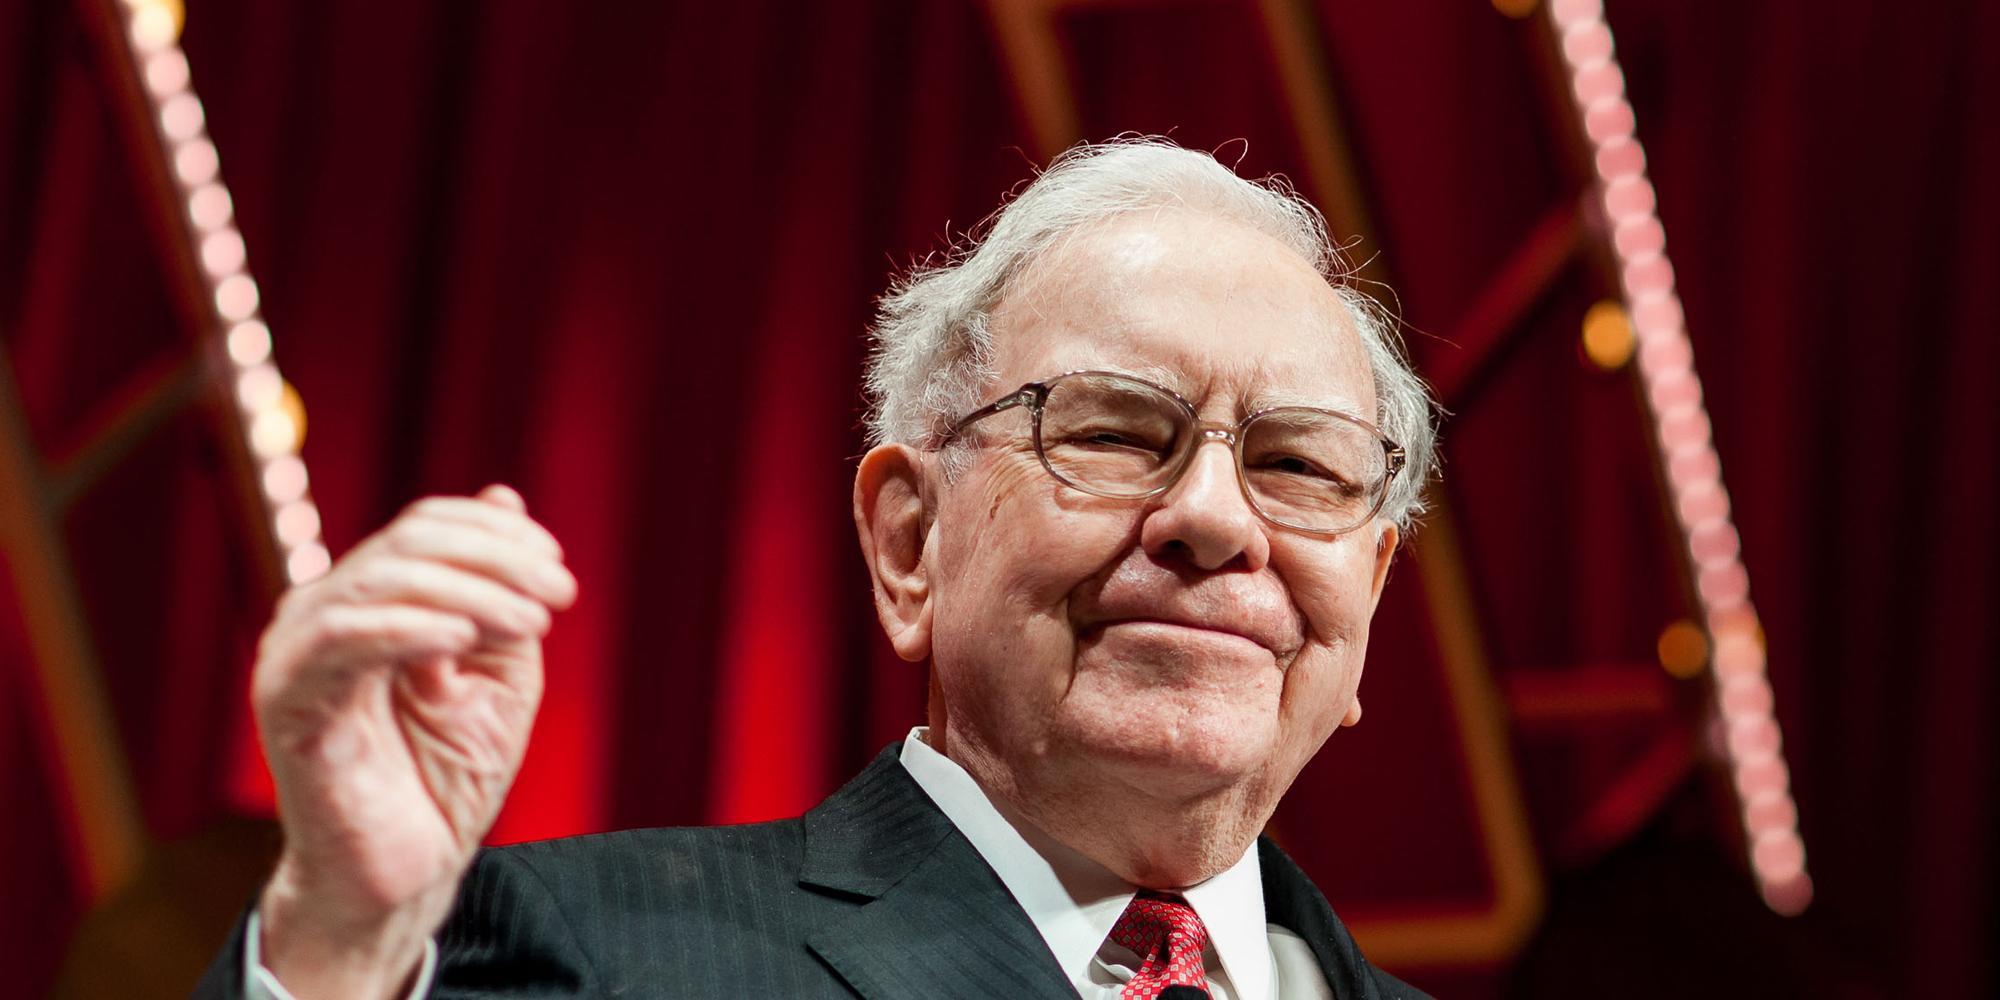 Čtvrtý nejbohatší člověk Warren Buffett